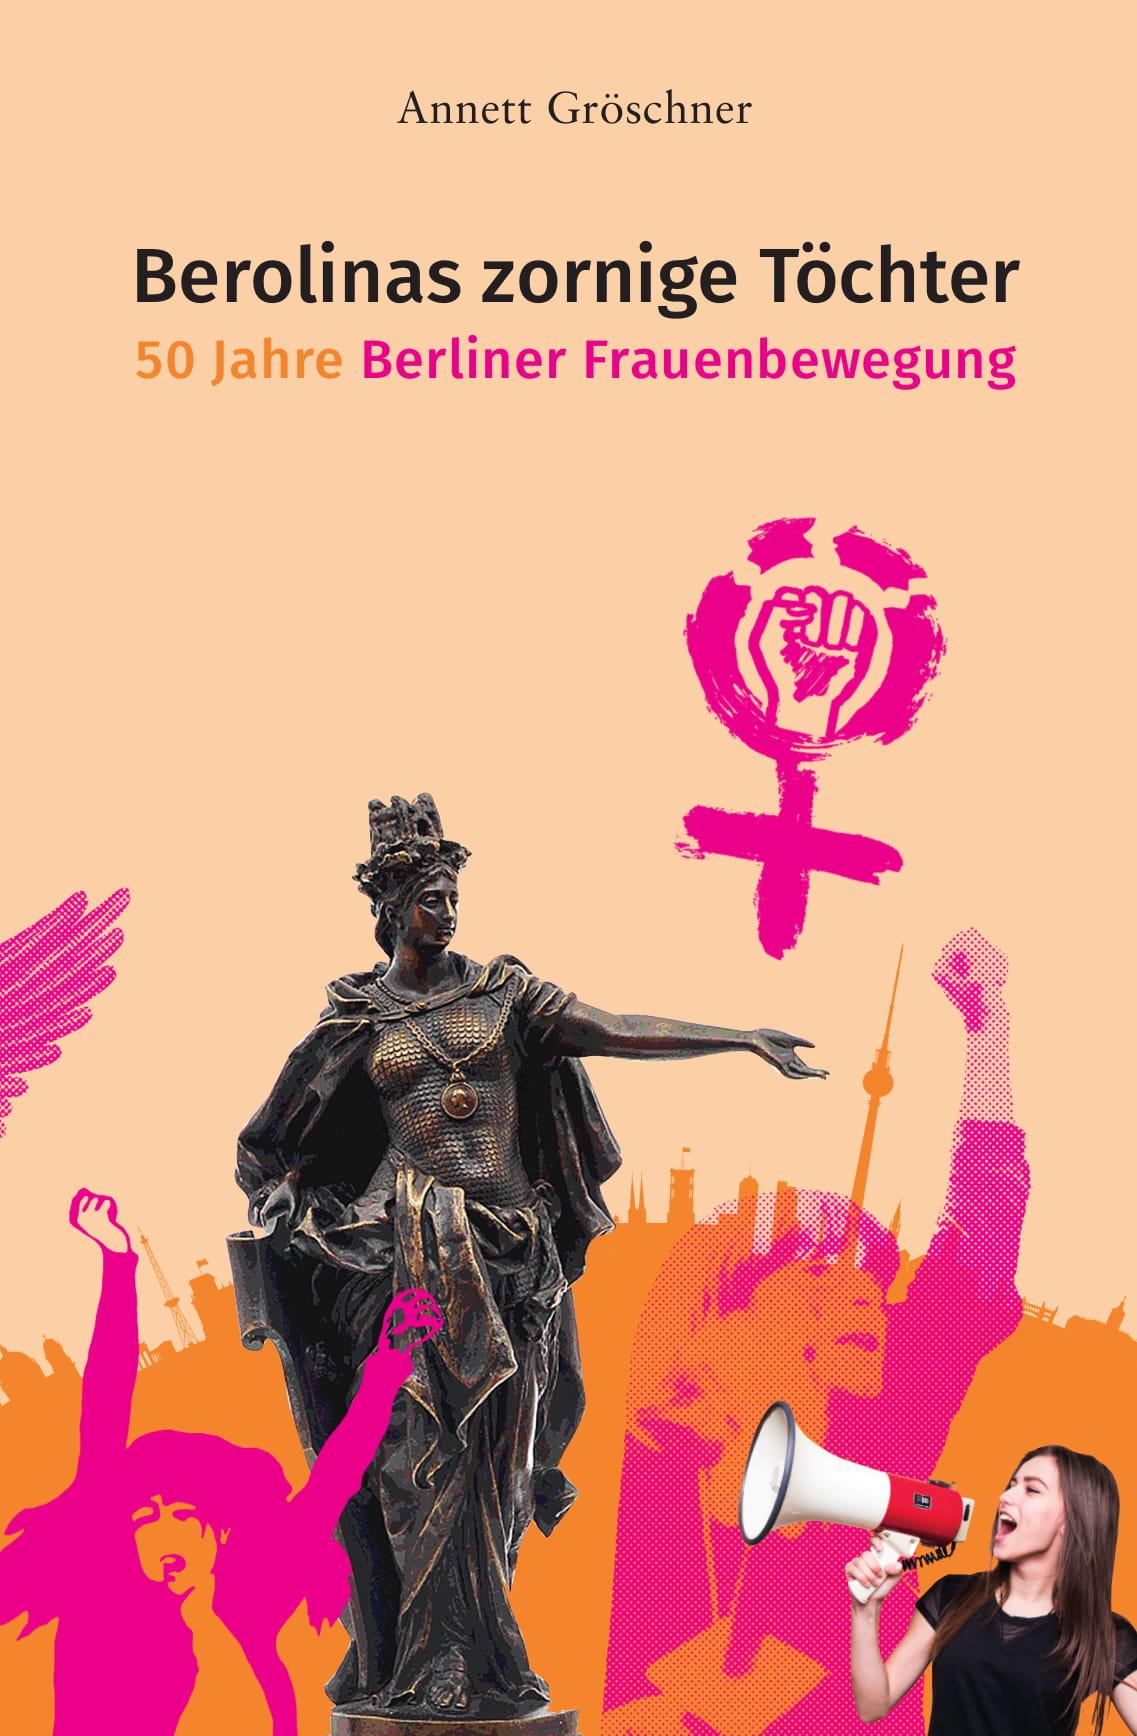 Berolinas zornige Töchter: 50 Jahre Berliner Frauenbewegung